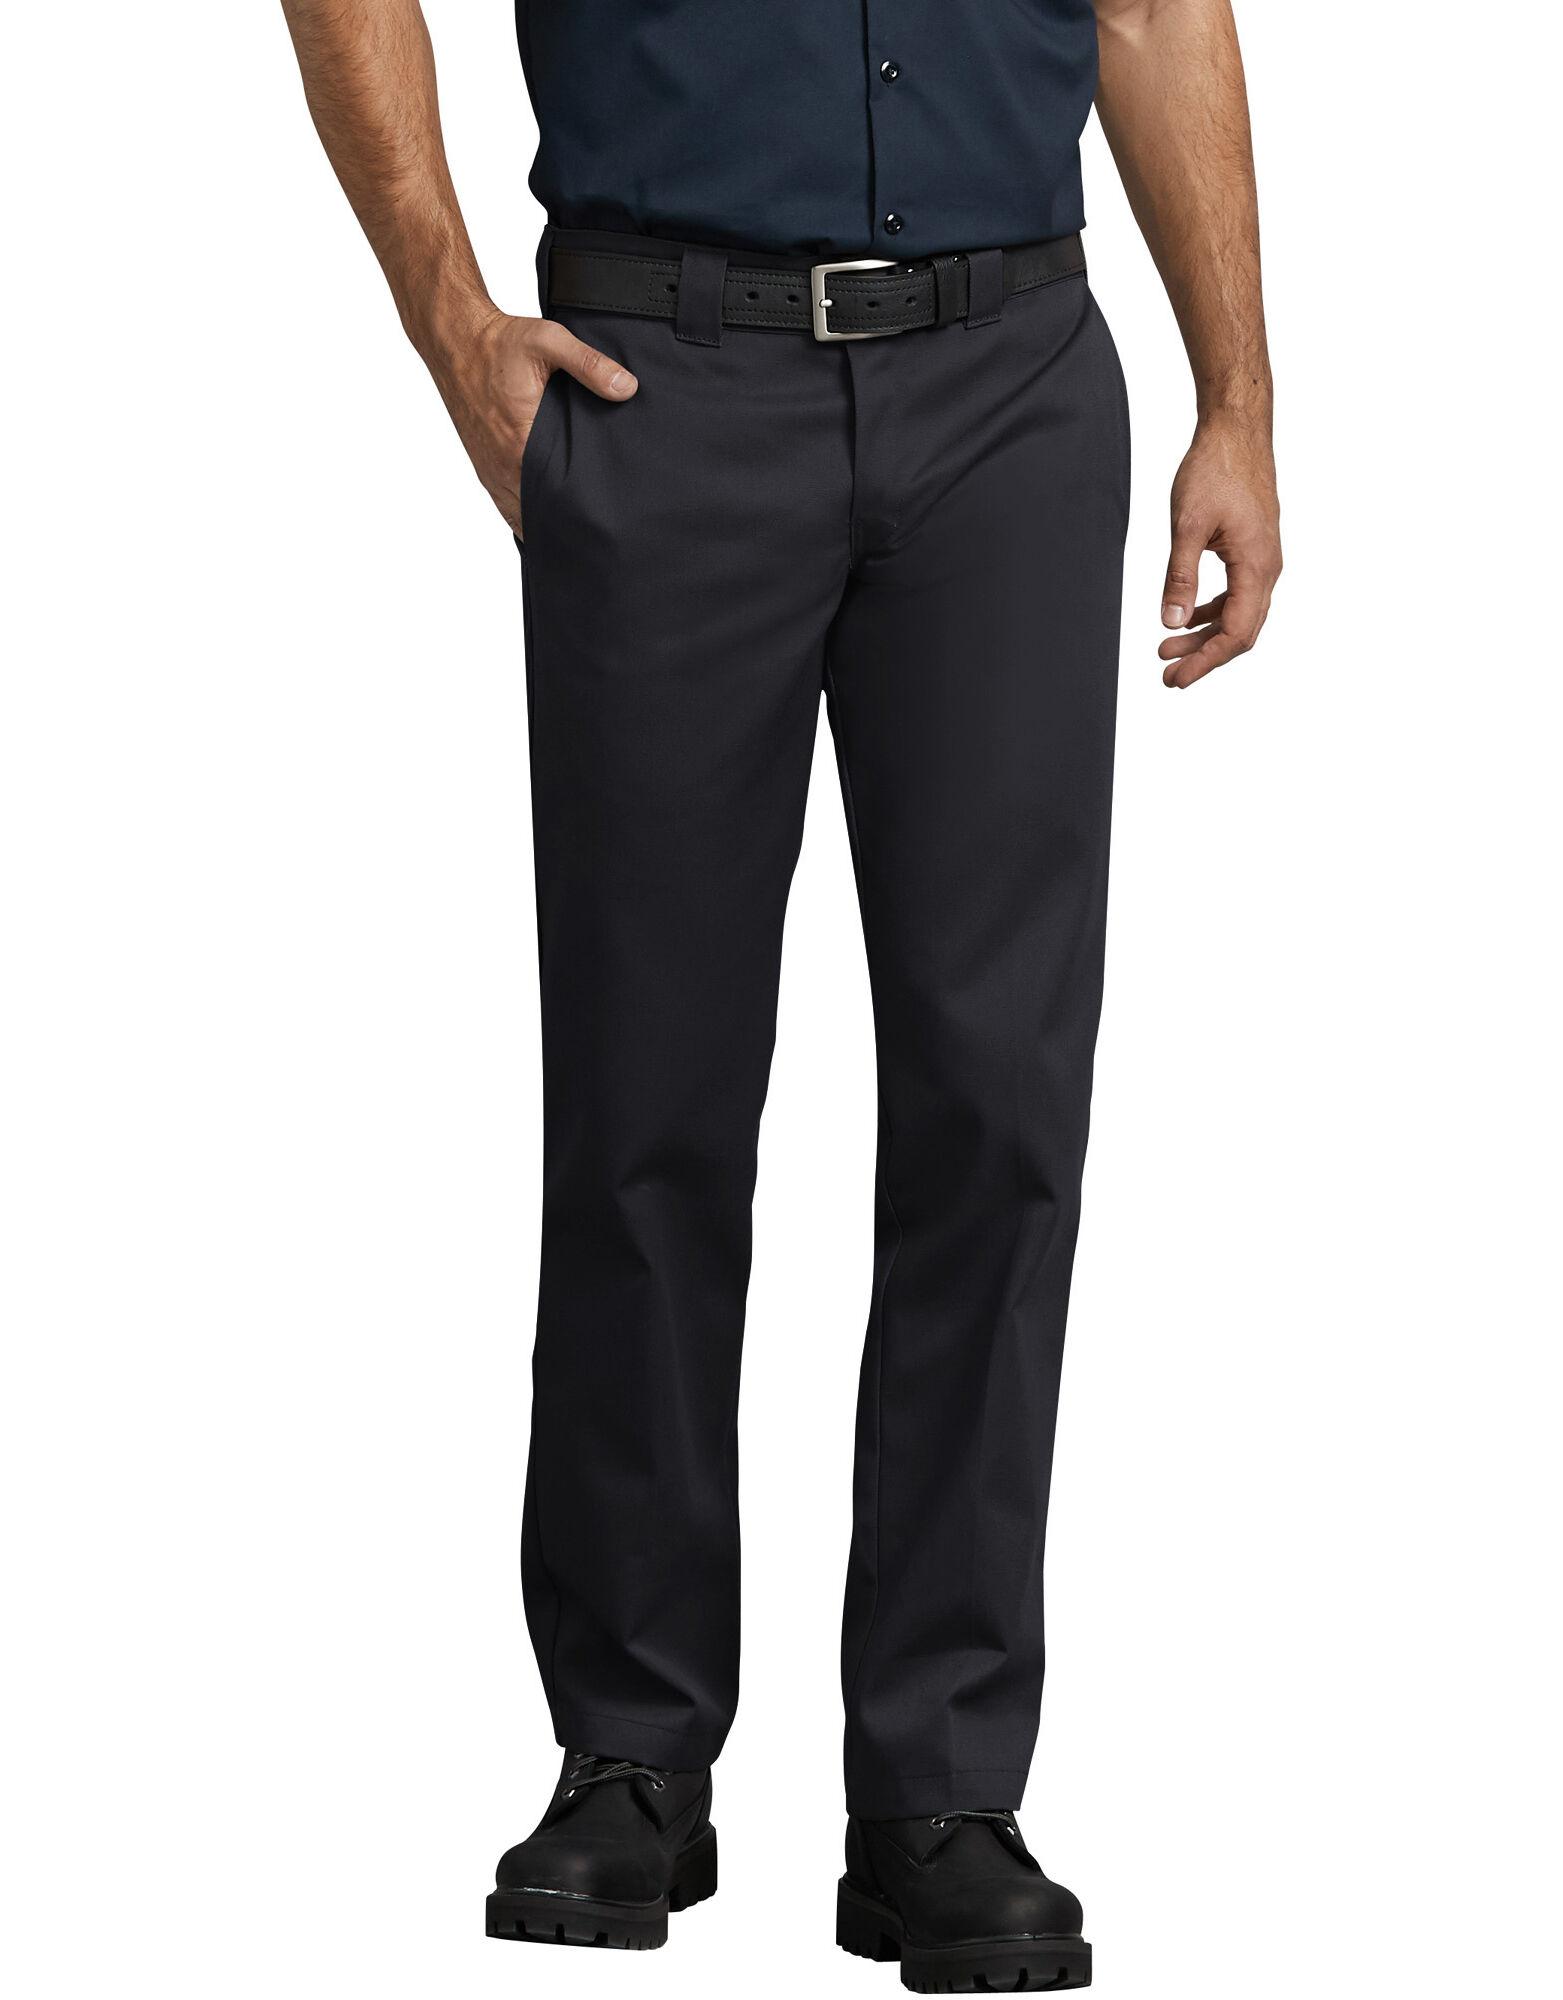 Straight Pants For Men